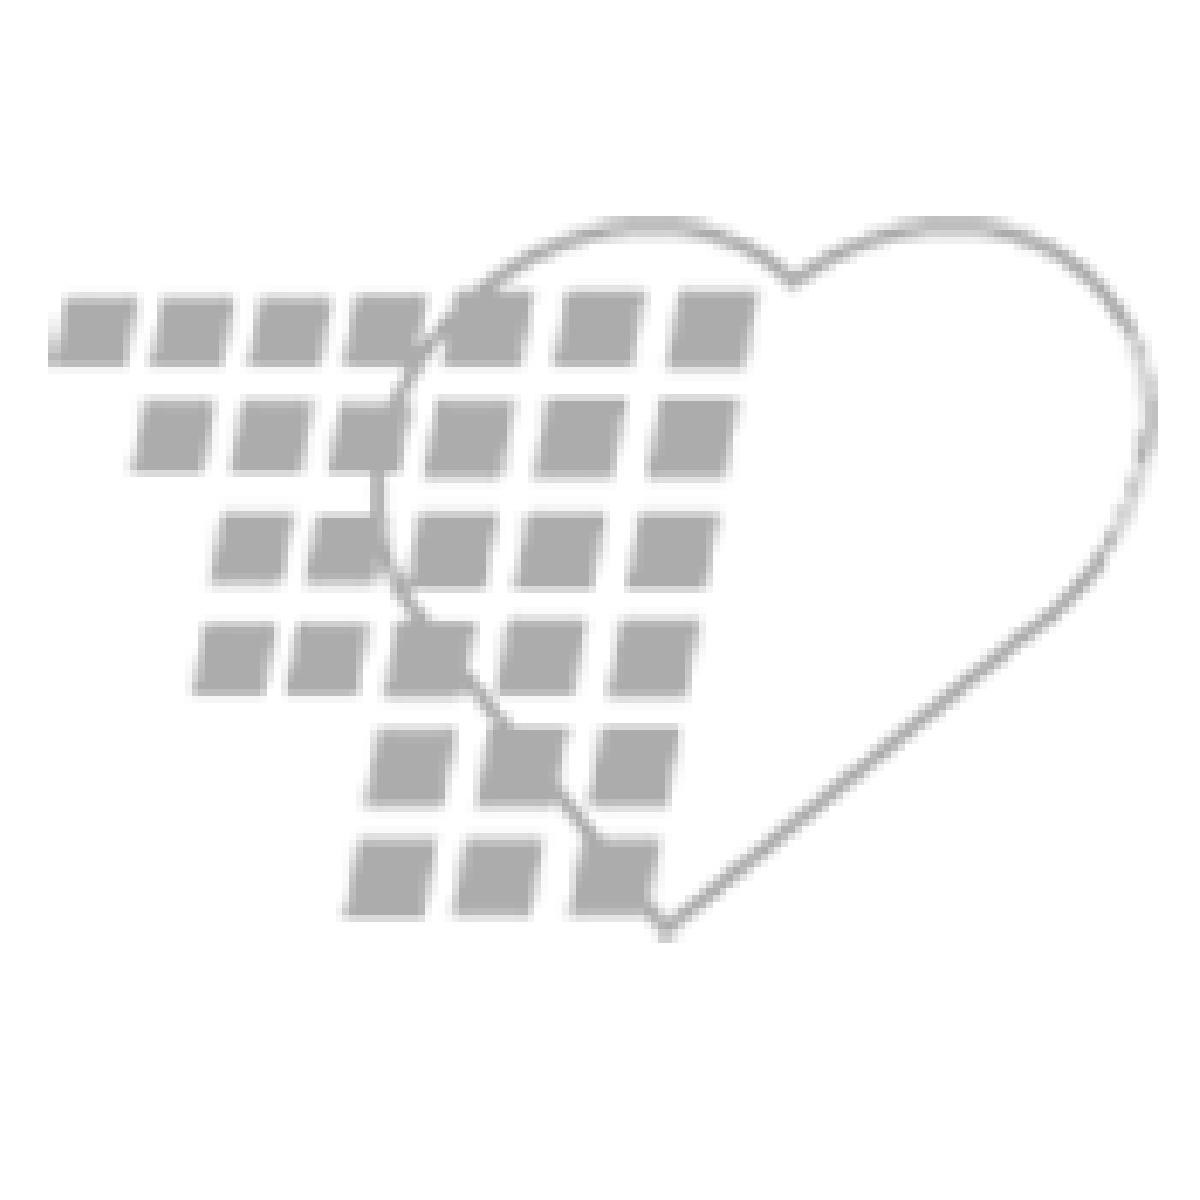 02-38-4006 GLUCOCARD® 01 Control Solution